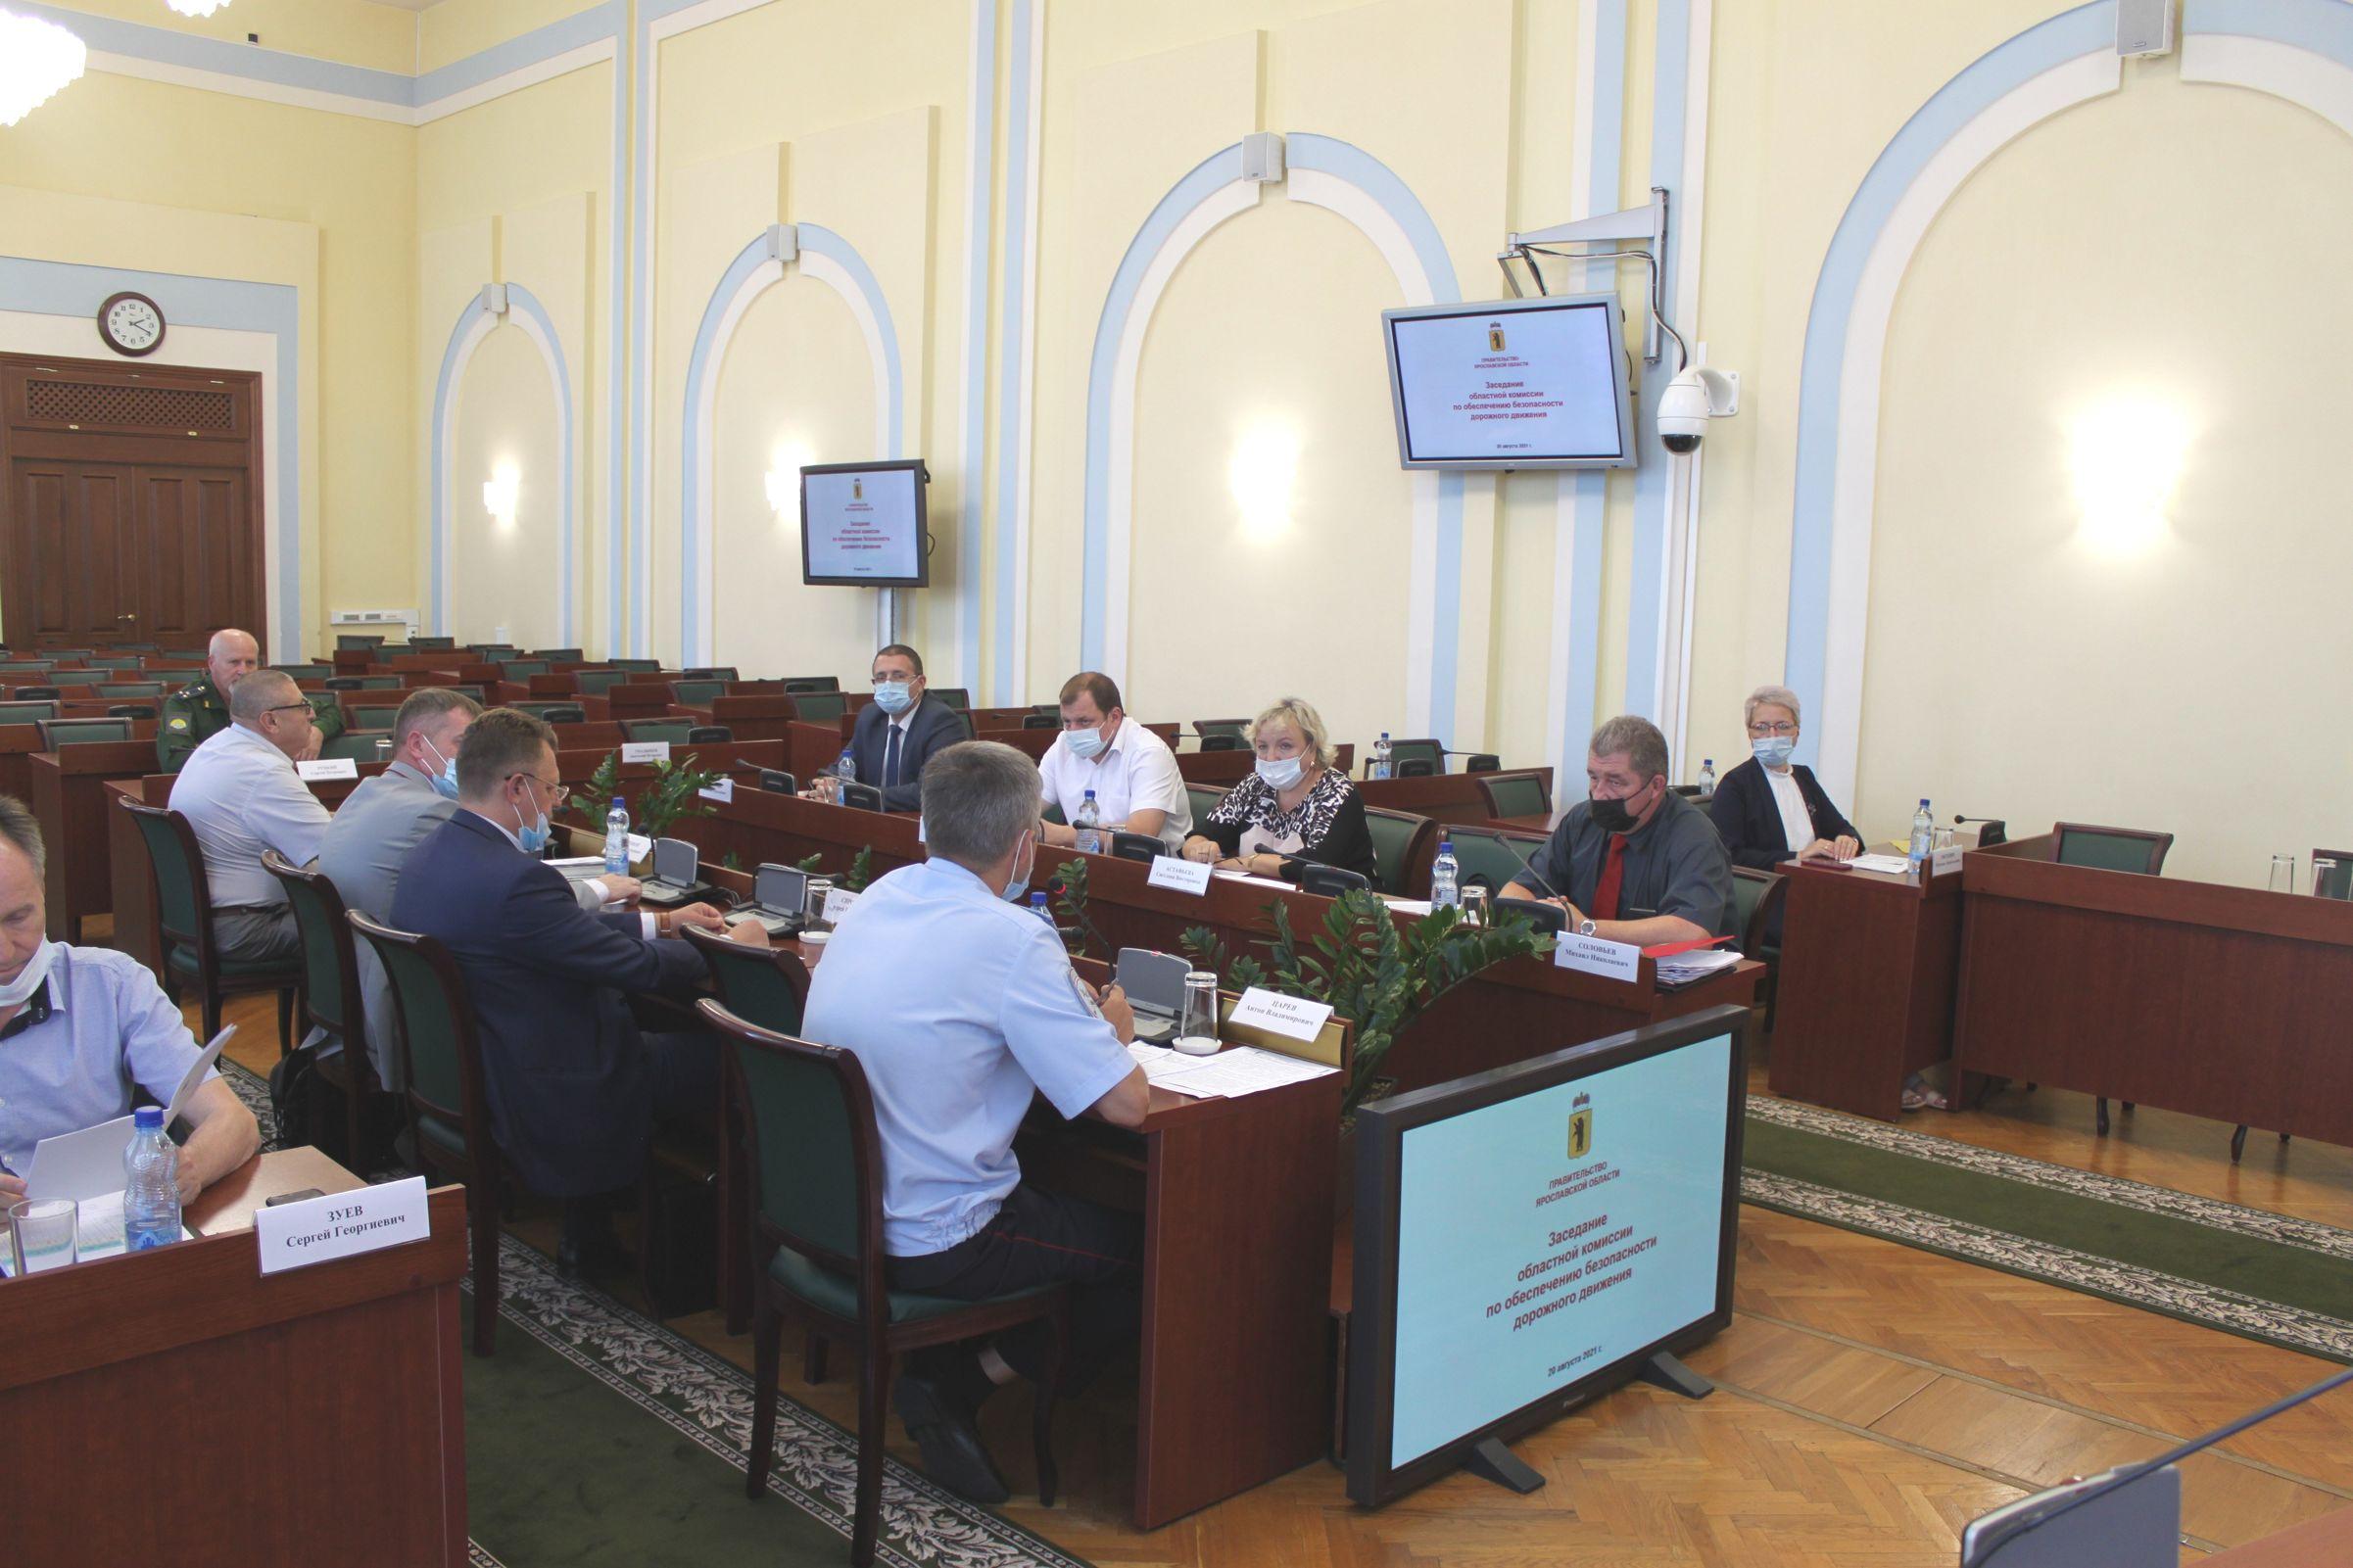 Обеспечение безопасности дорожного движения перед началом учебного года обсудили на областной комиссии